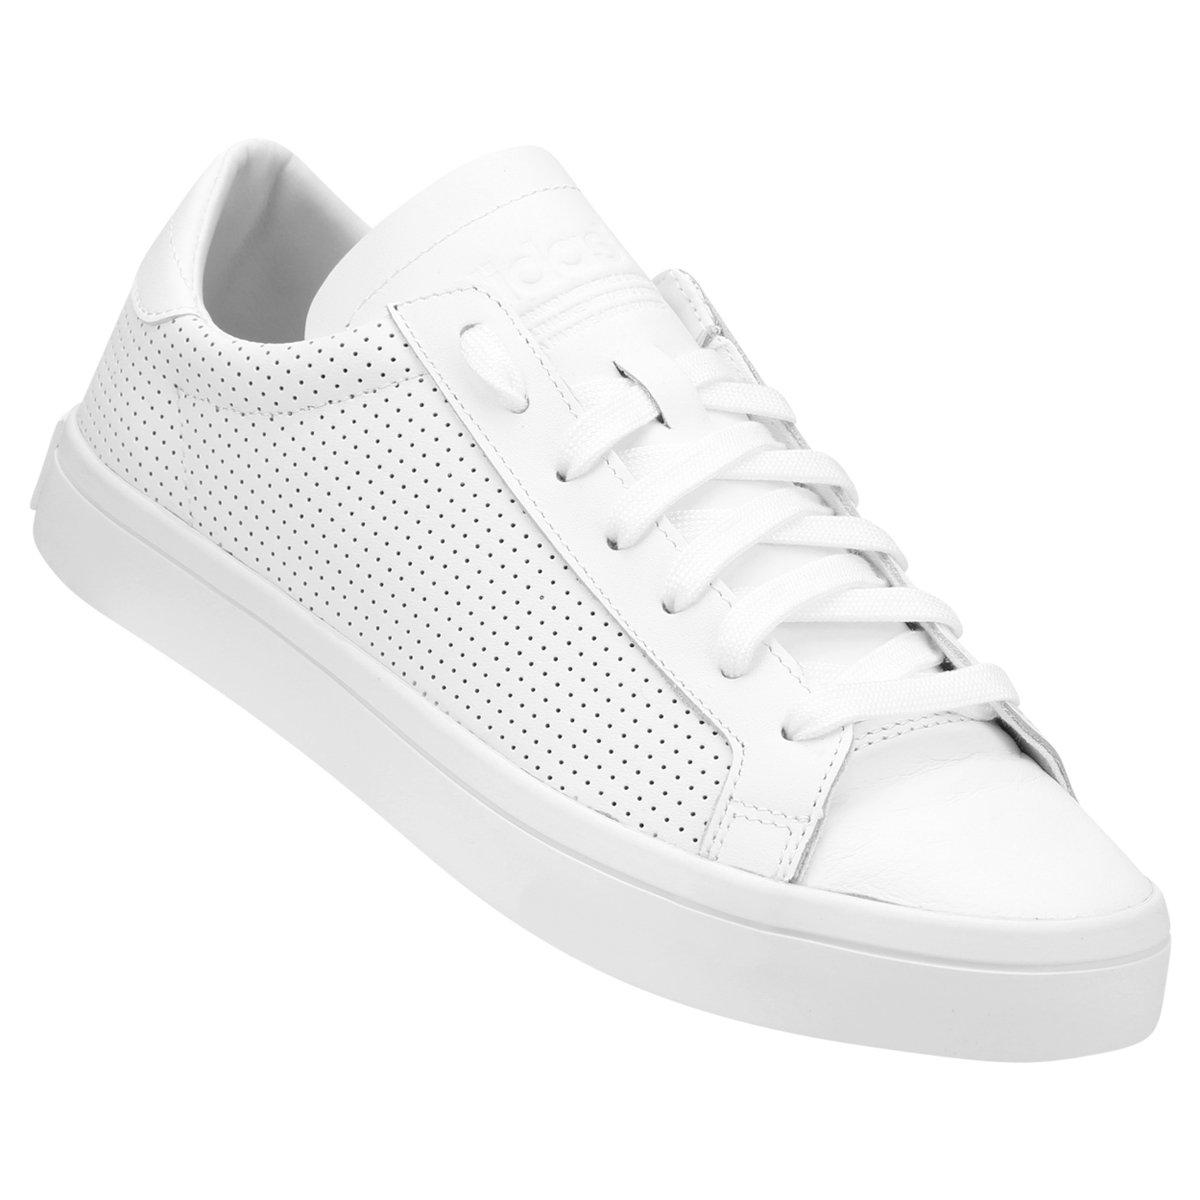 64e2c552e3a Tênis Adidas Courtvantage Low - Compre Agora